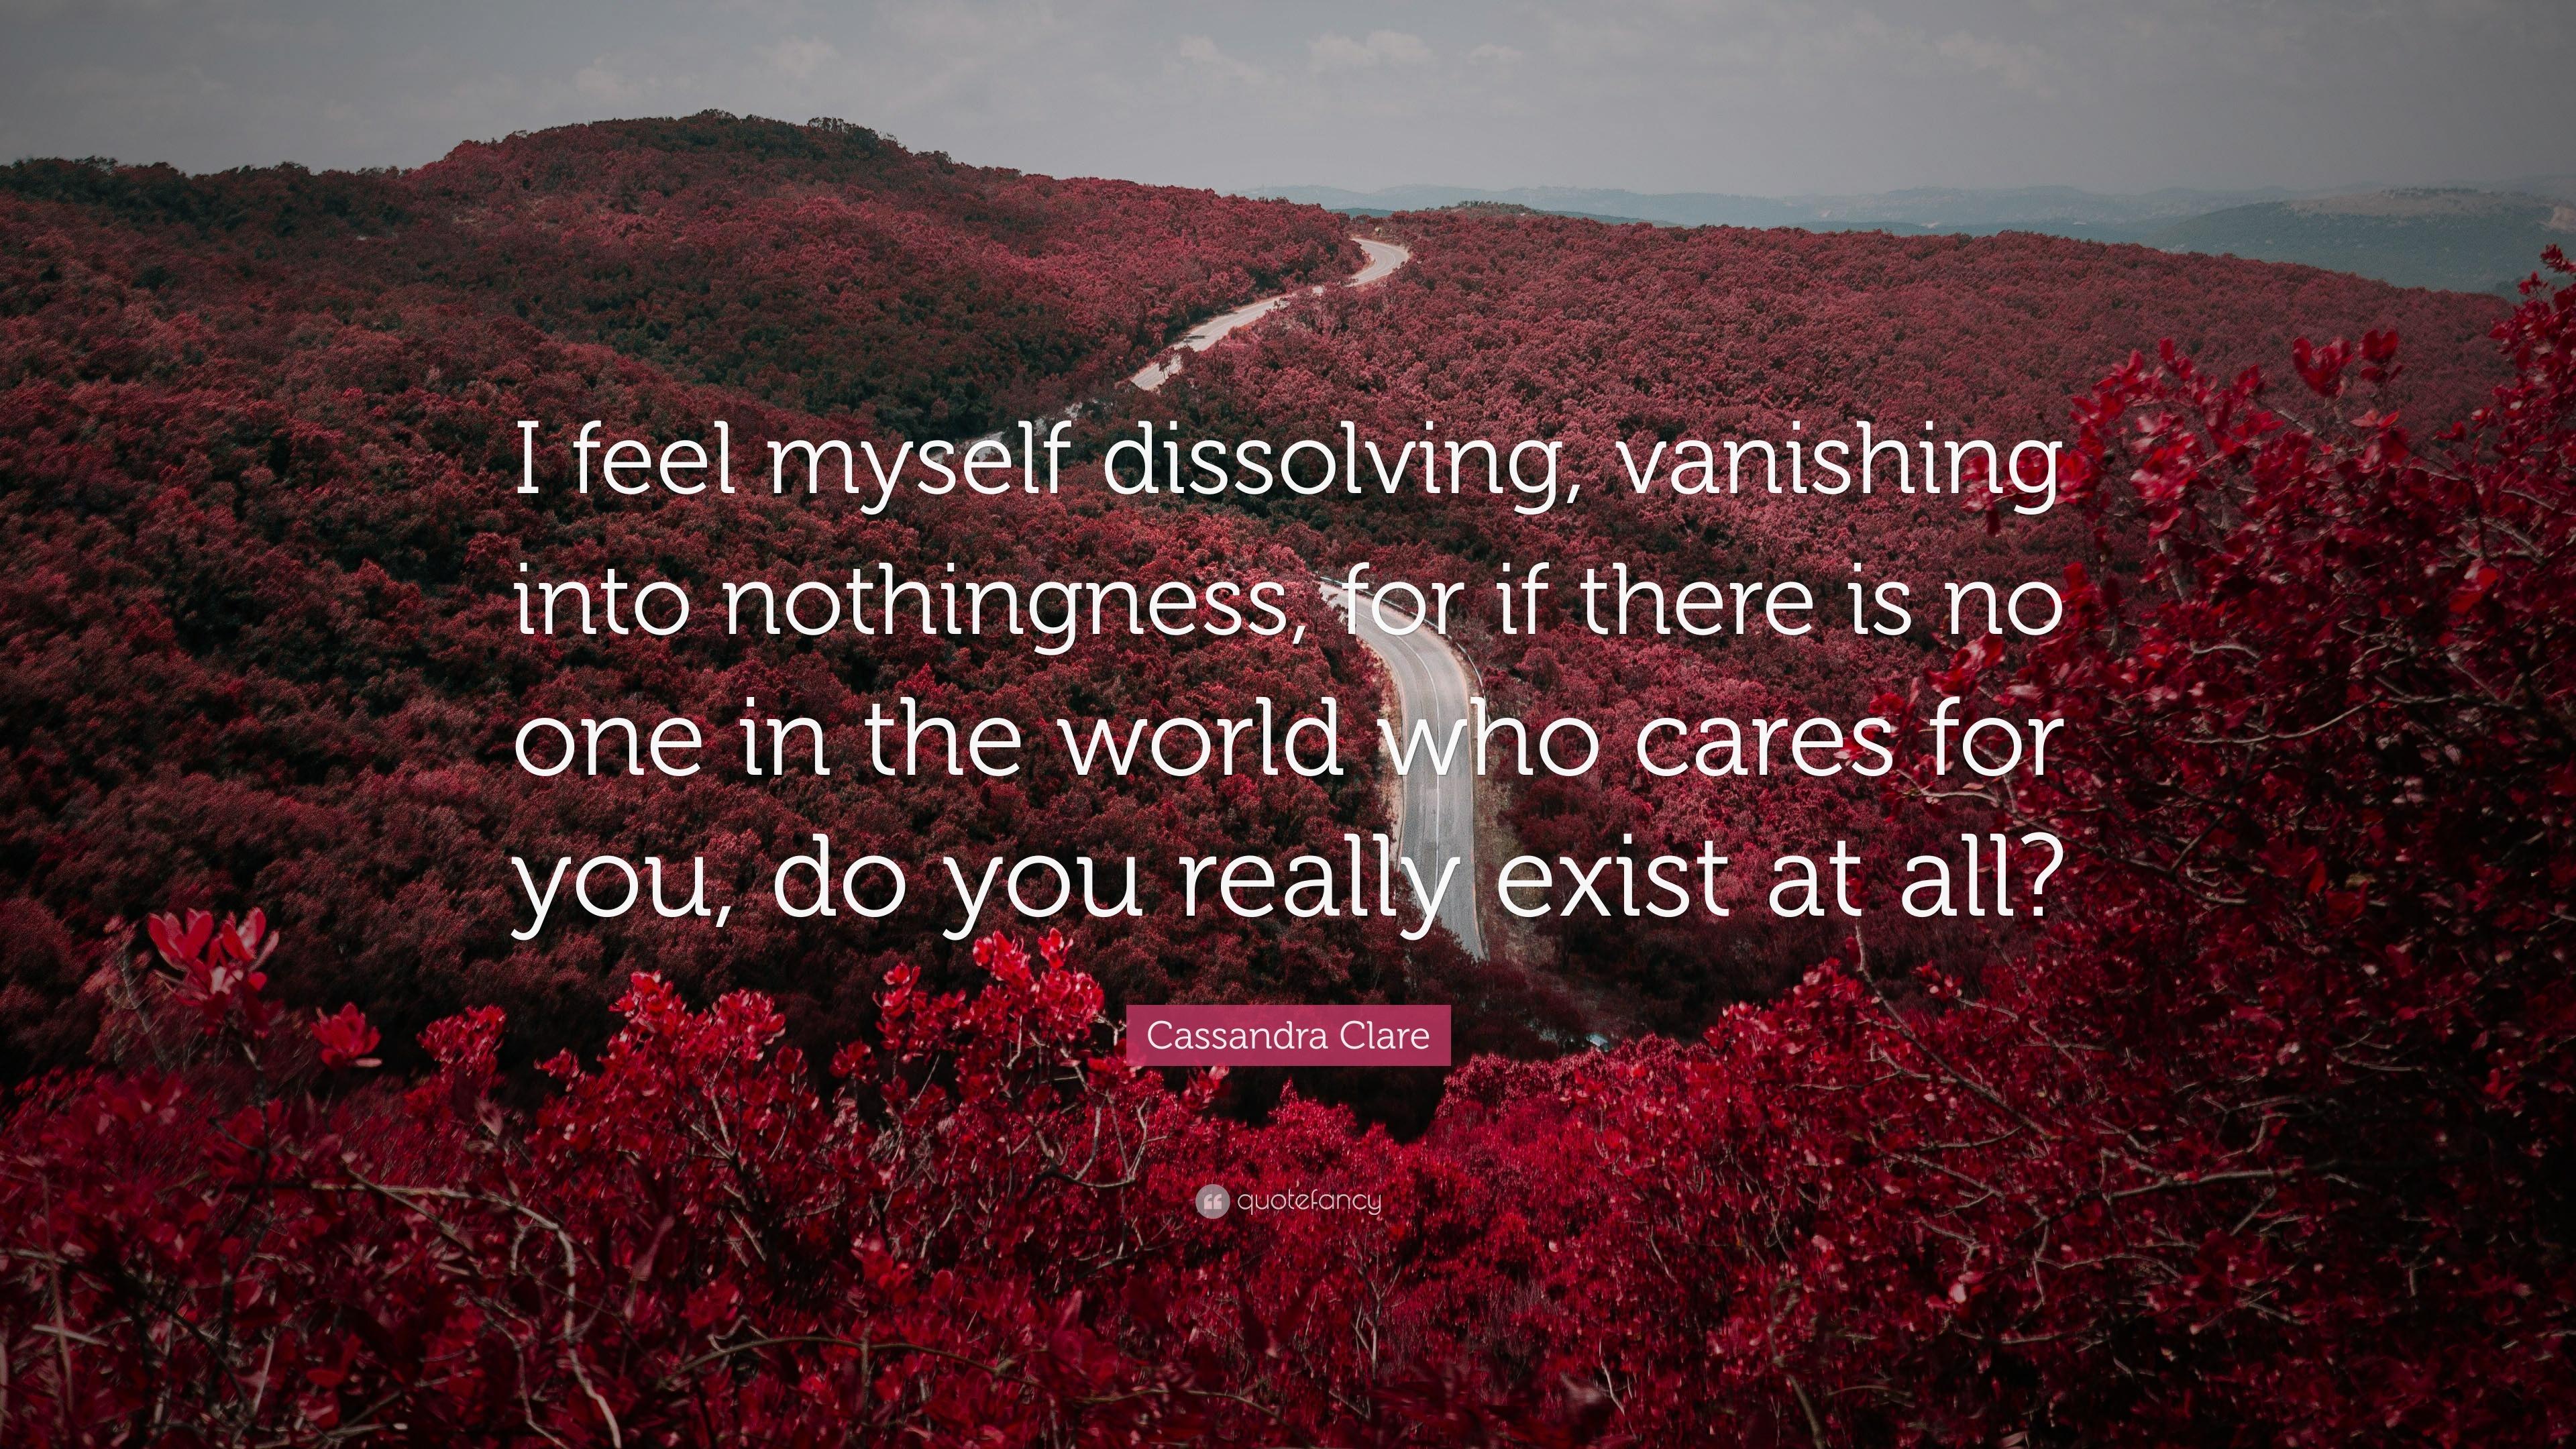 Remarkable, I feel myself